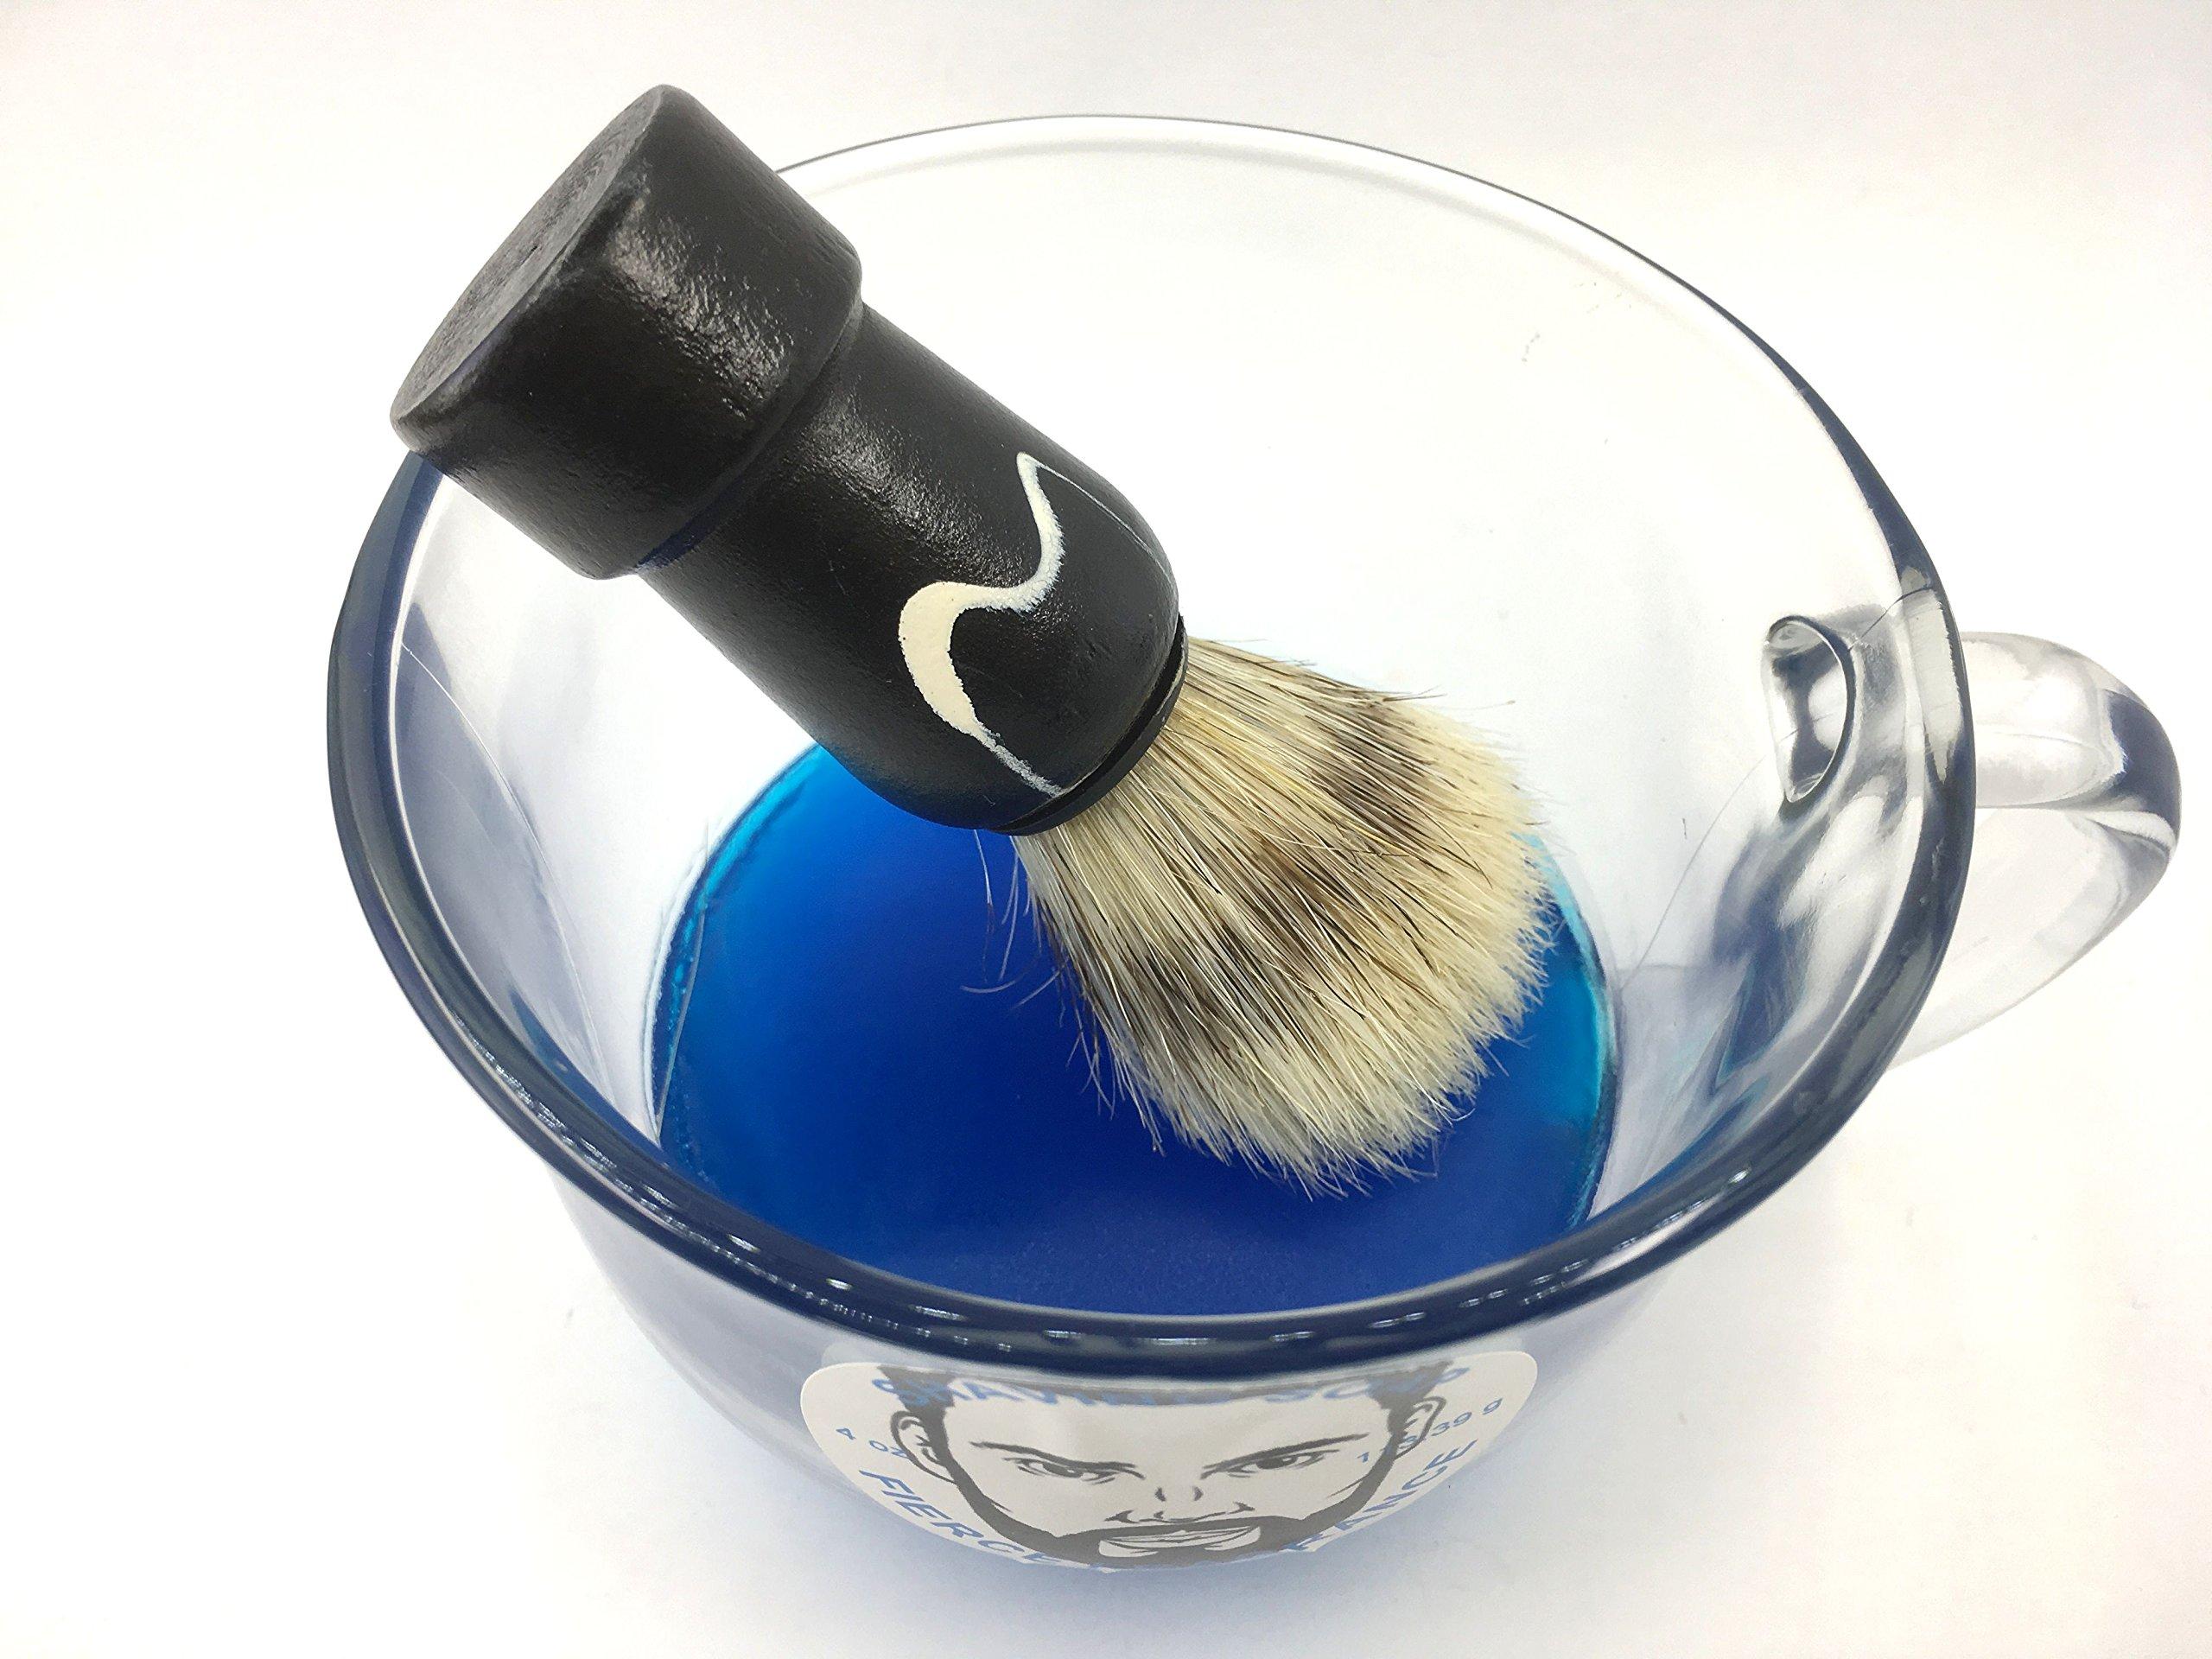 Shaving soap and brush set 4 oz Fierce Type fragrance